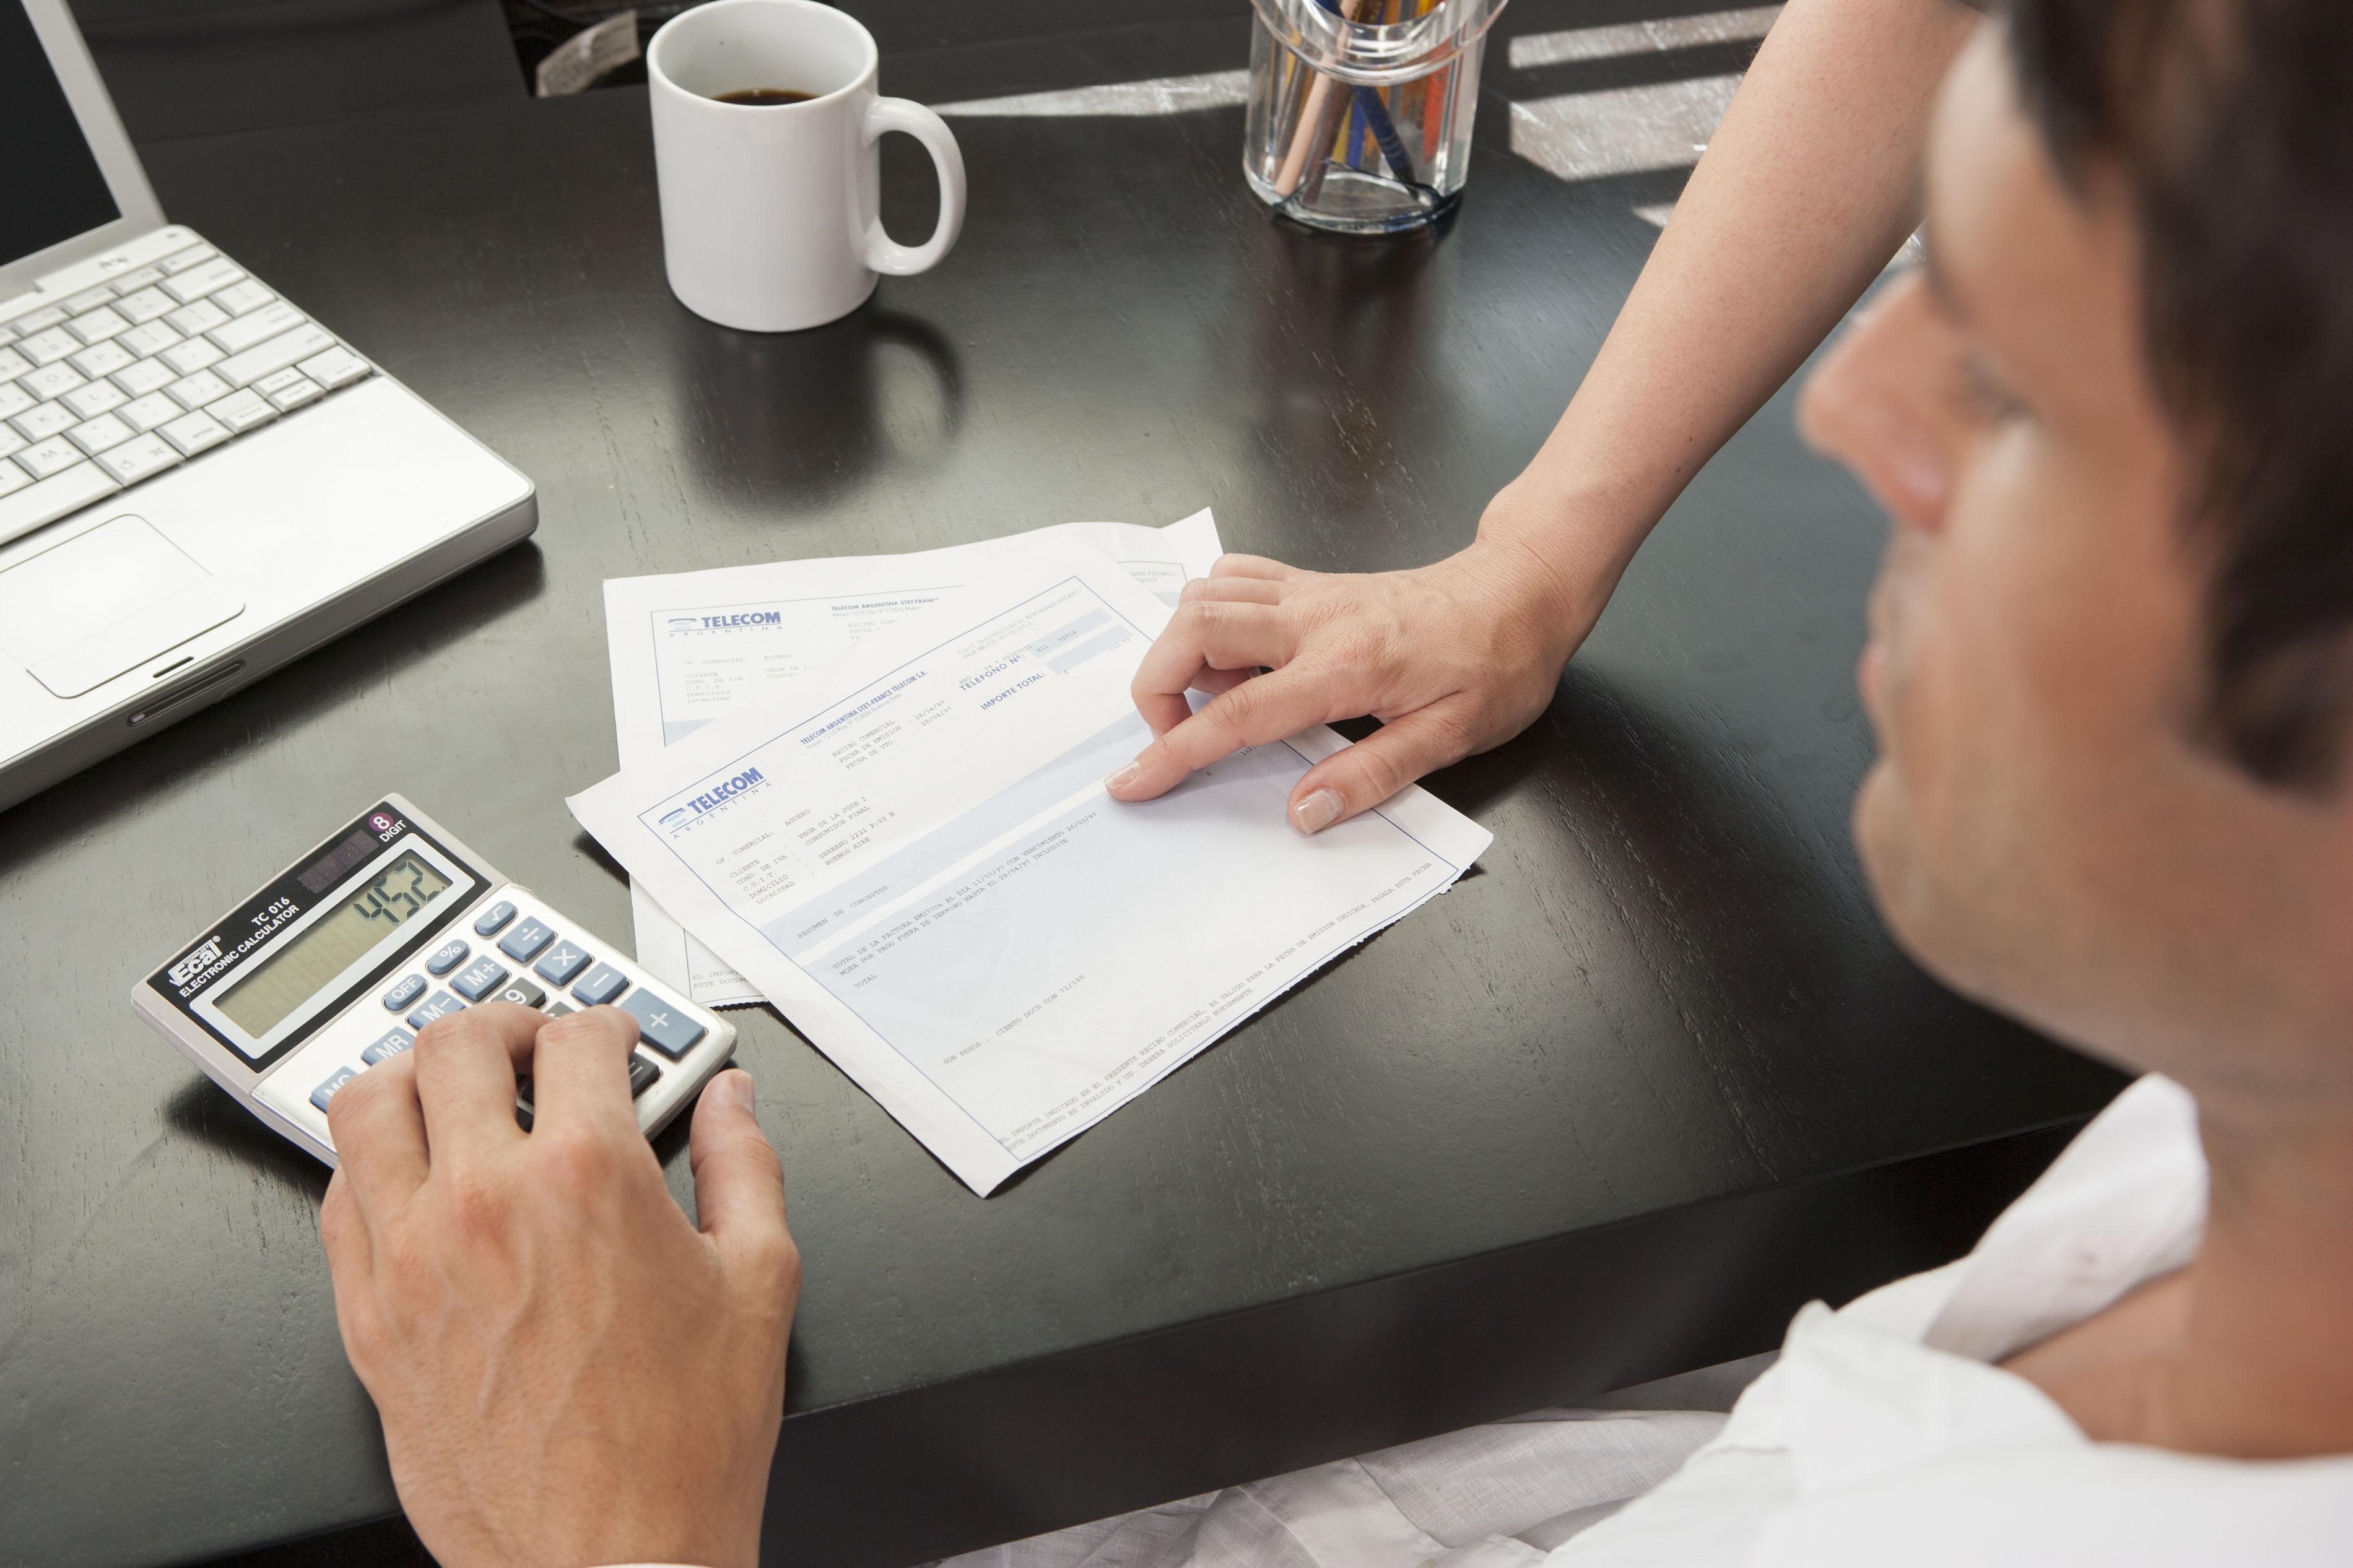 Banyak waktu yang dihabisakan apabila masih menggunakan akuntansi tradisional